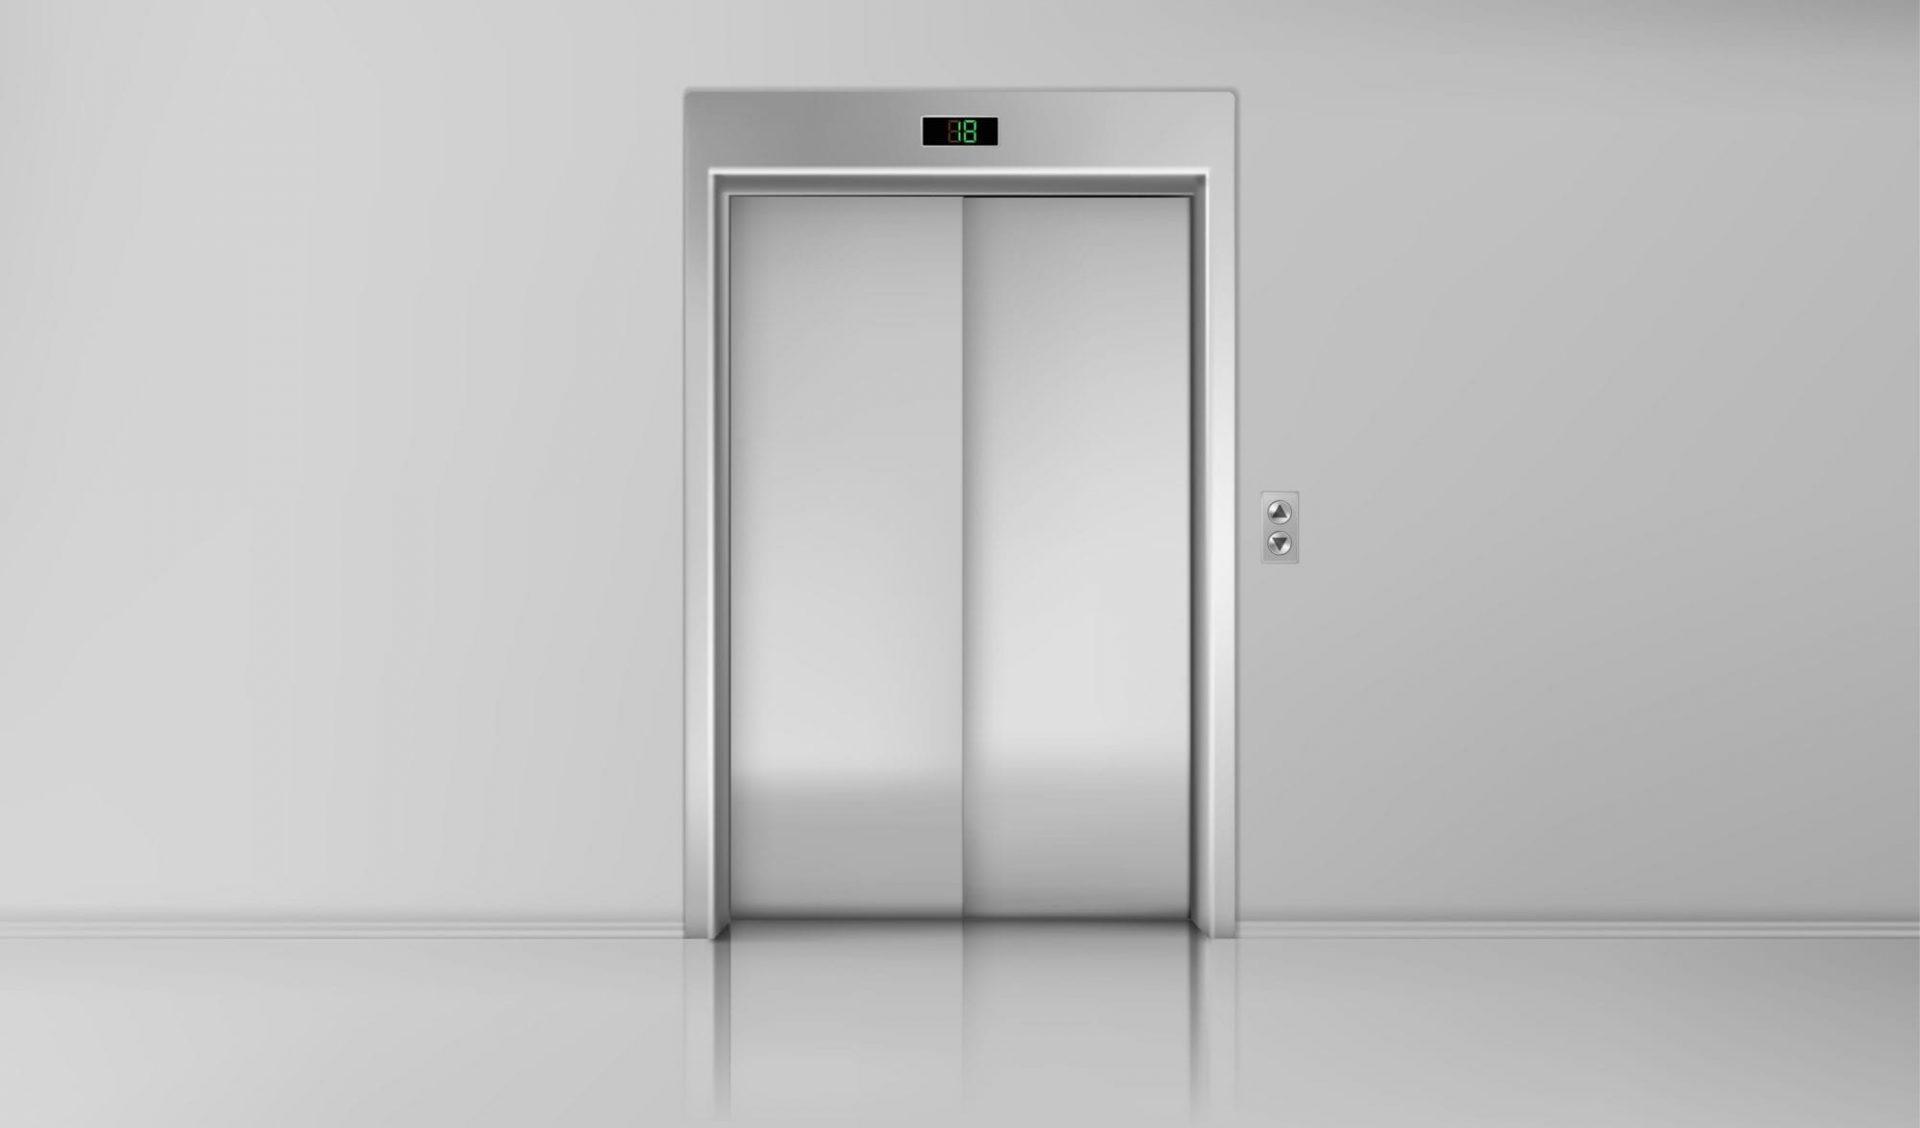 Costo Ascensore Interno 3 Piani qual è il valore di un appartamento senza ascensore